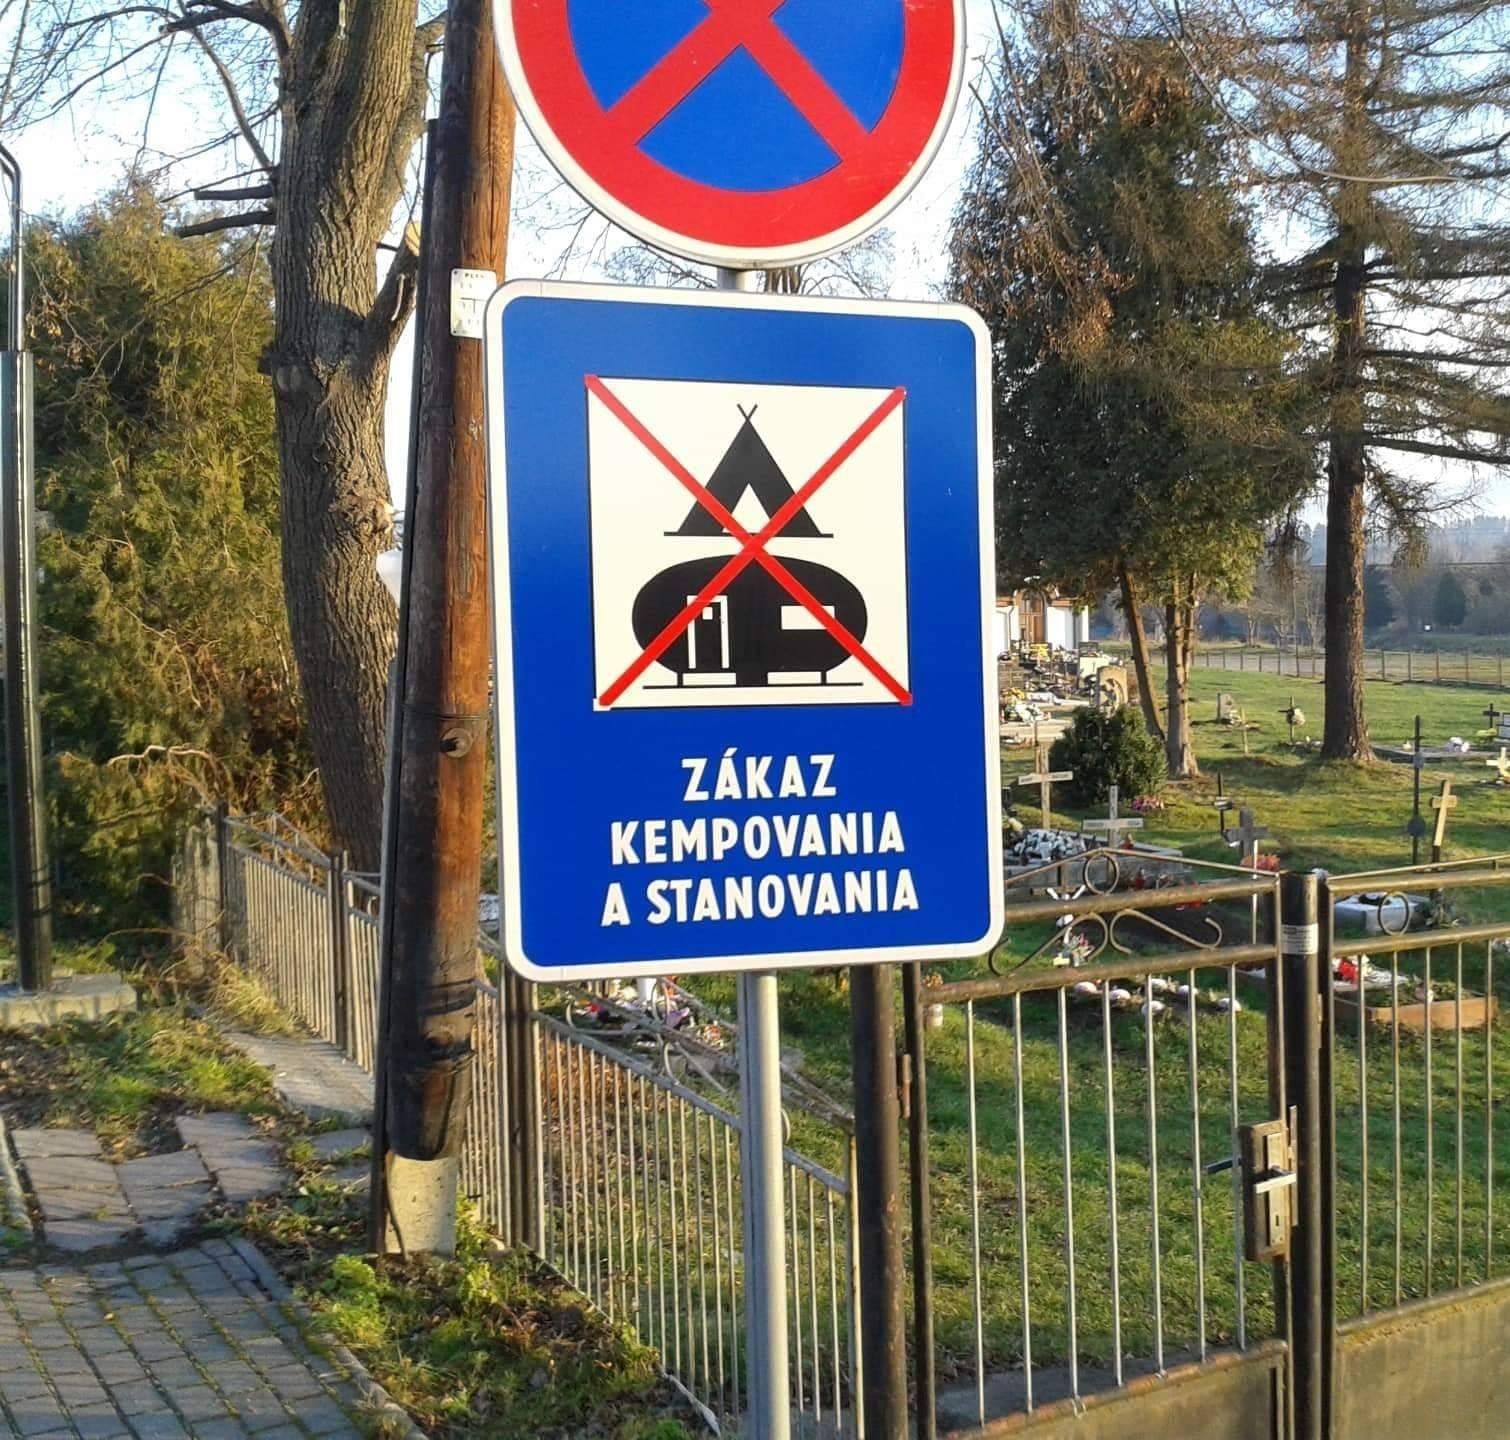 https://www.kempy-chaty.cz/sites/default/files/turistika/zakaz_kempovania.jpg